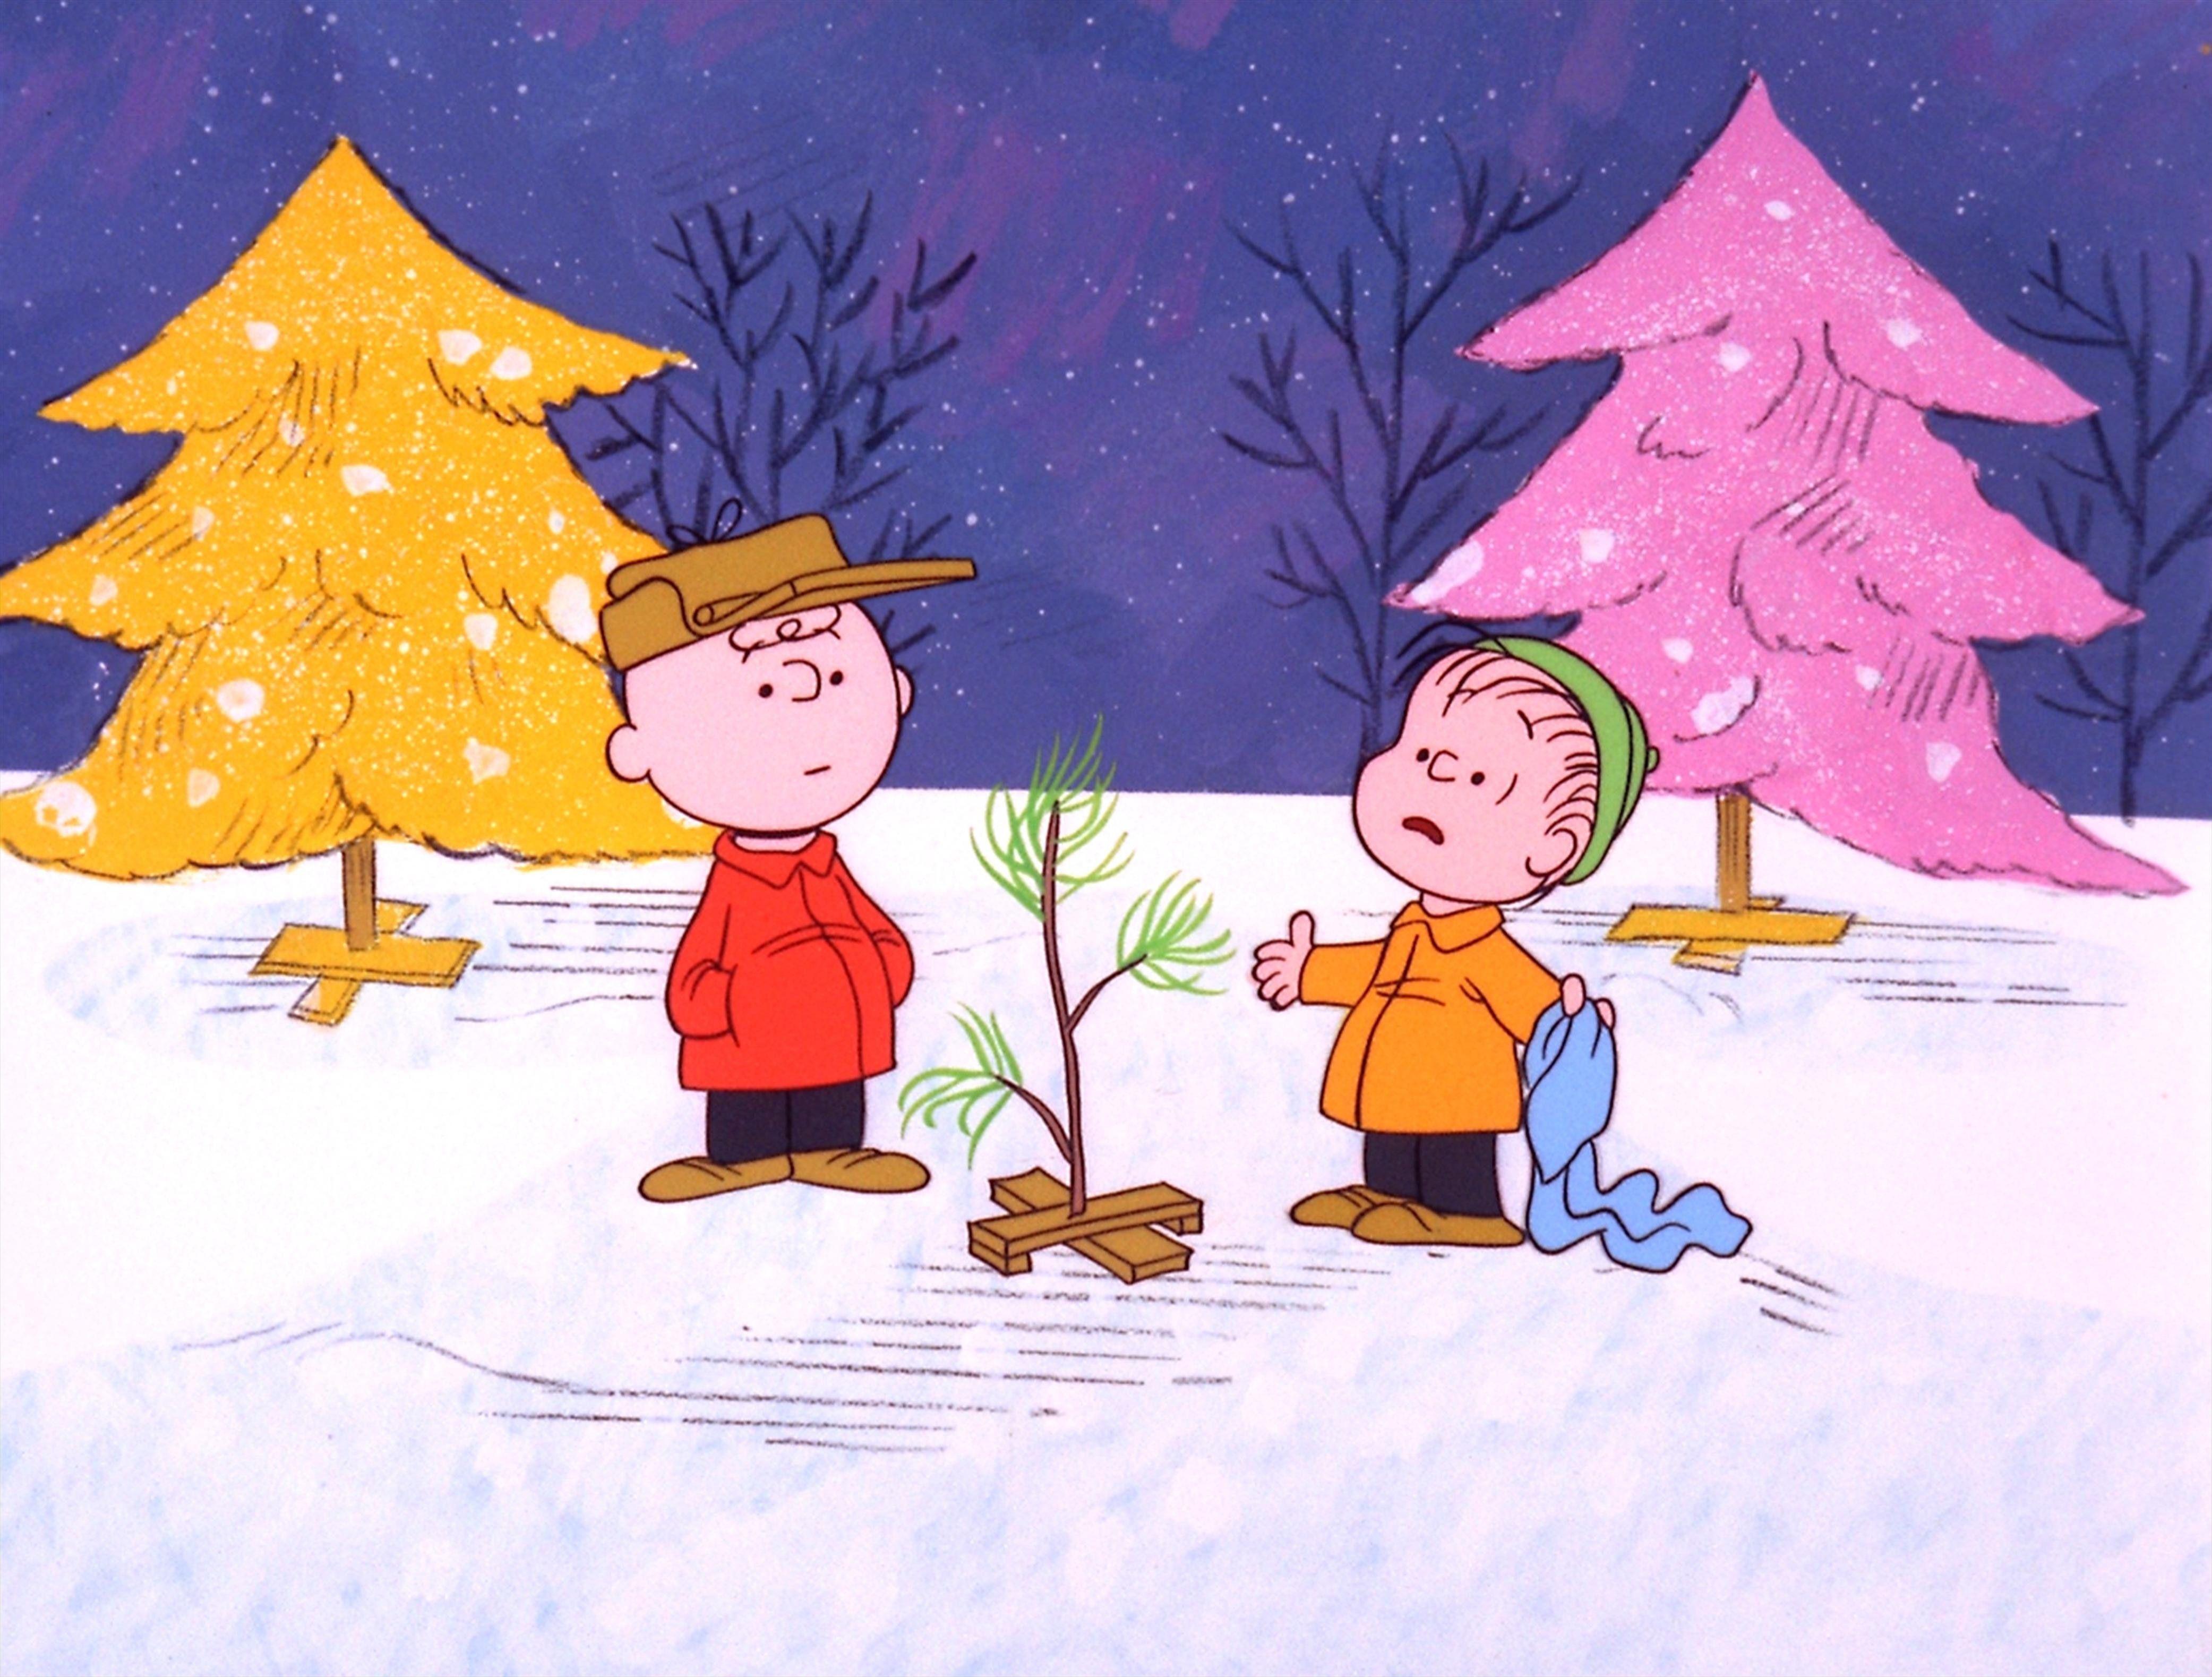 A Charlie Brown Christmas / ABC